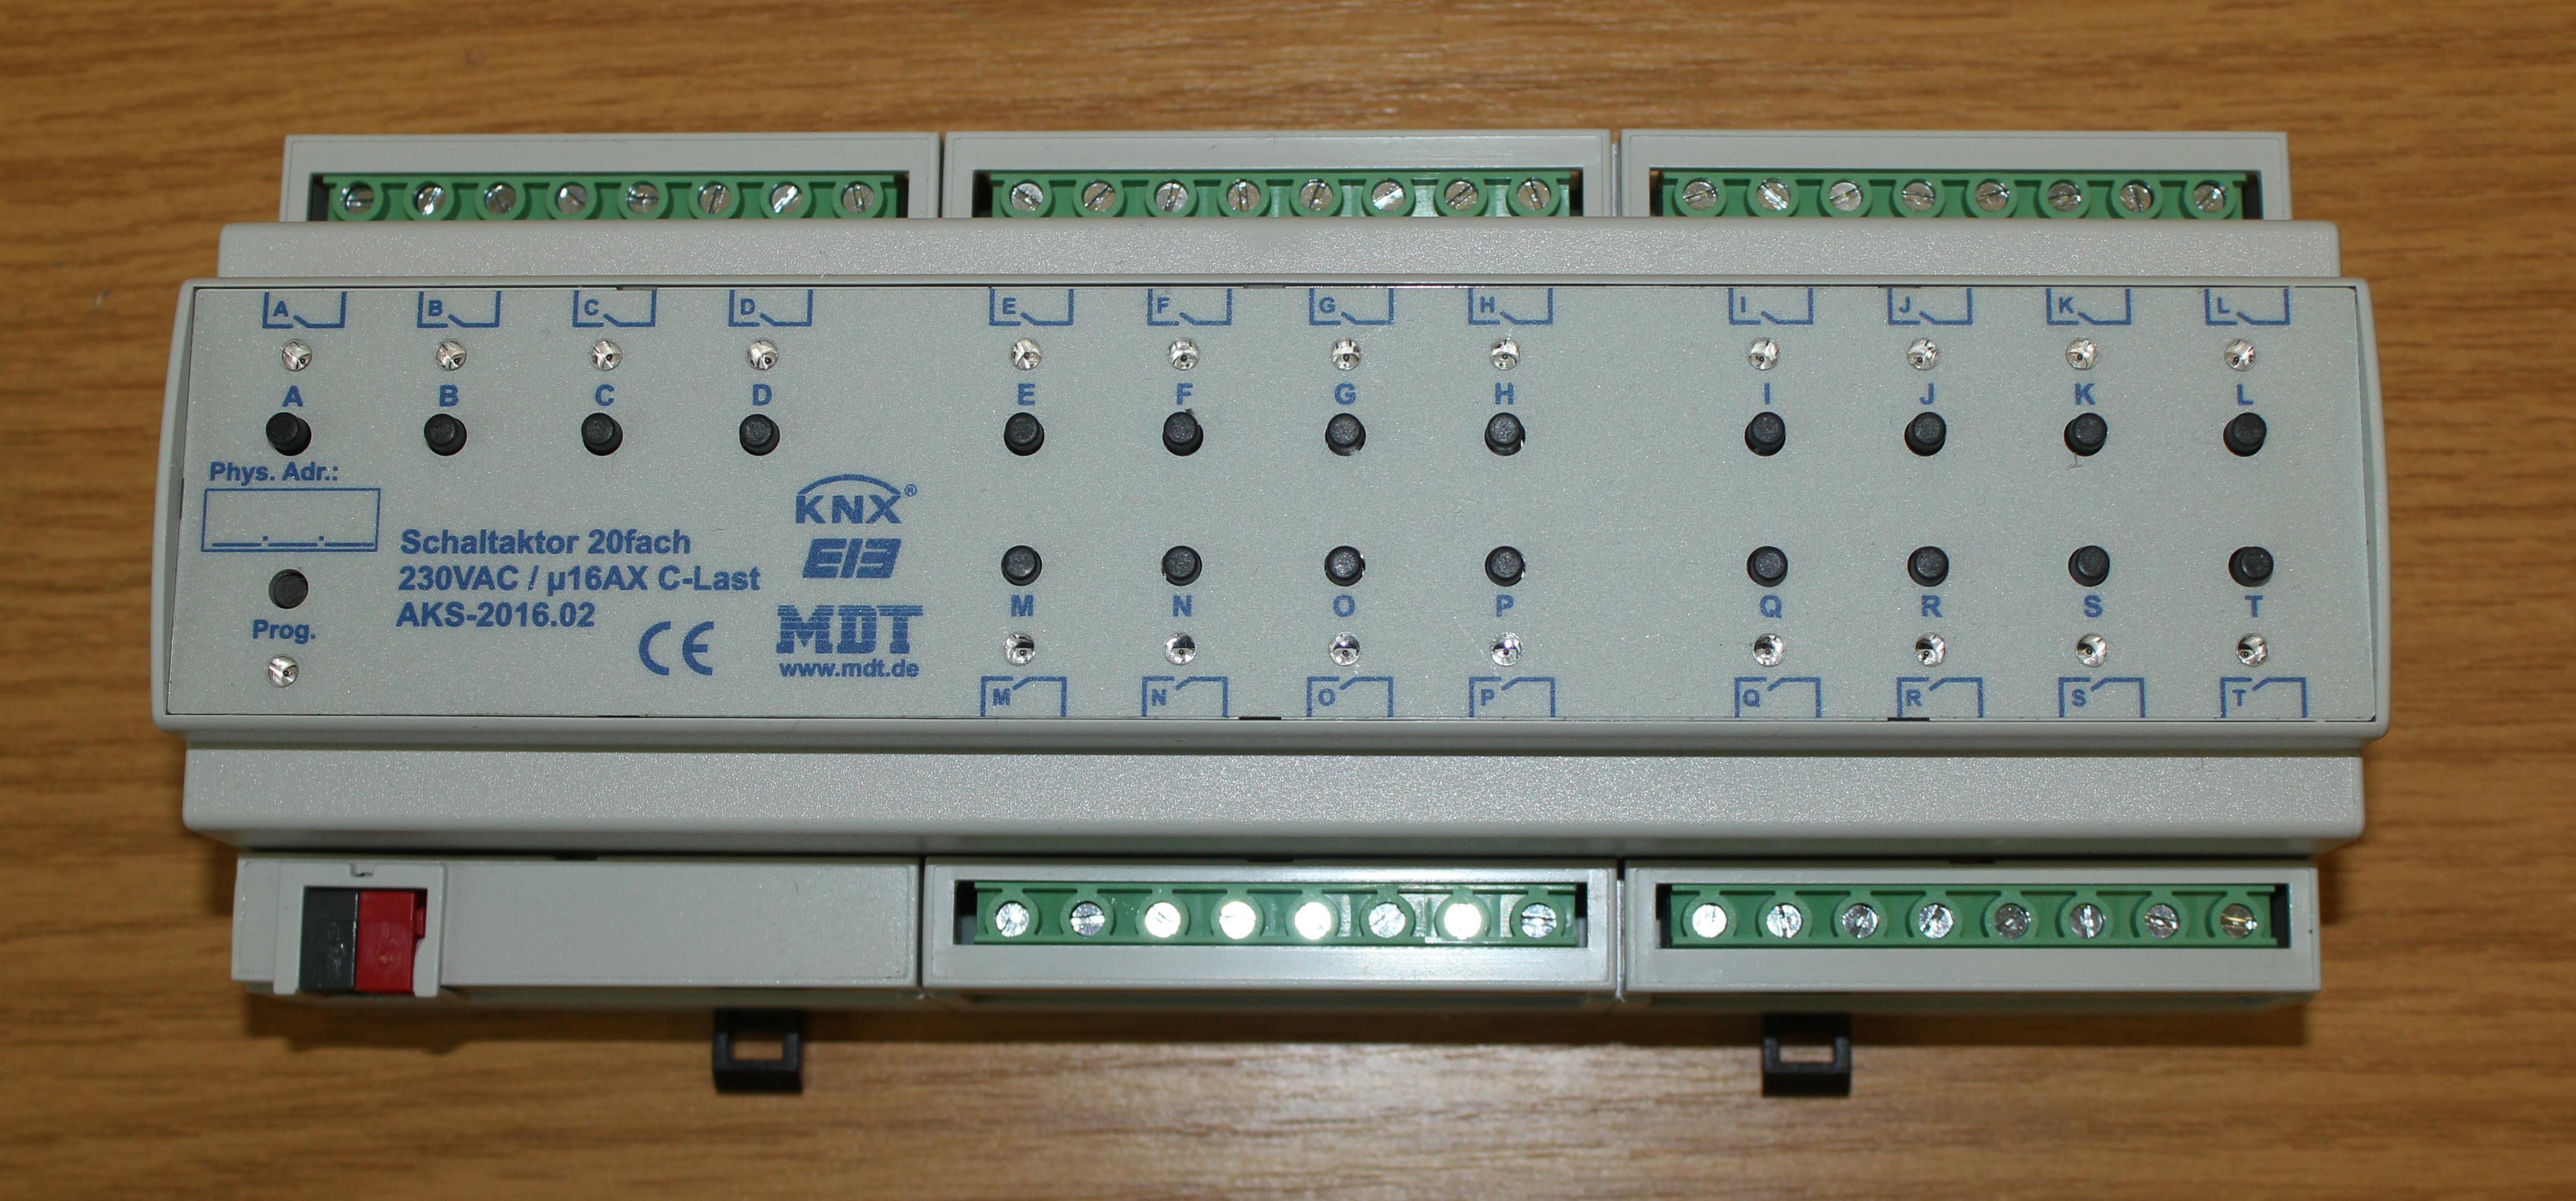 Tolle 02 Sensor Auf Einem Draht Vier Kabel Identifizierung Galerie ...